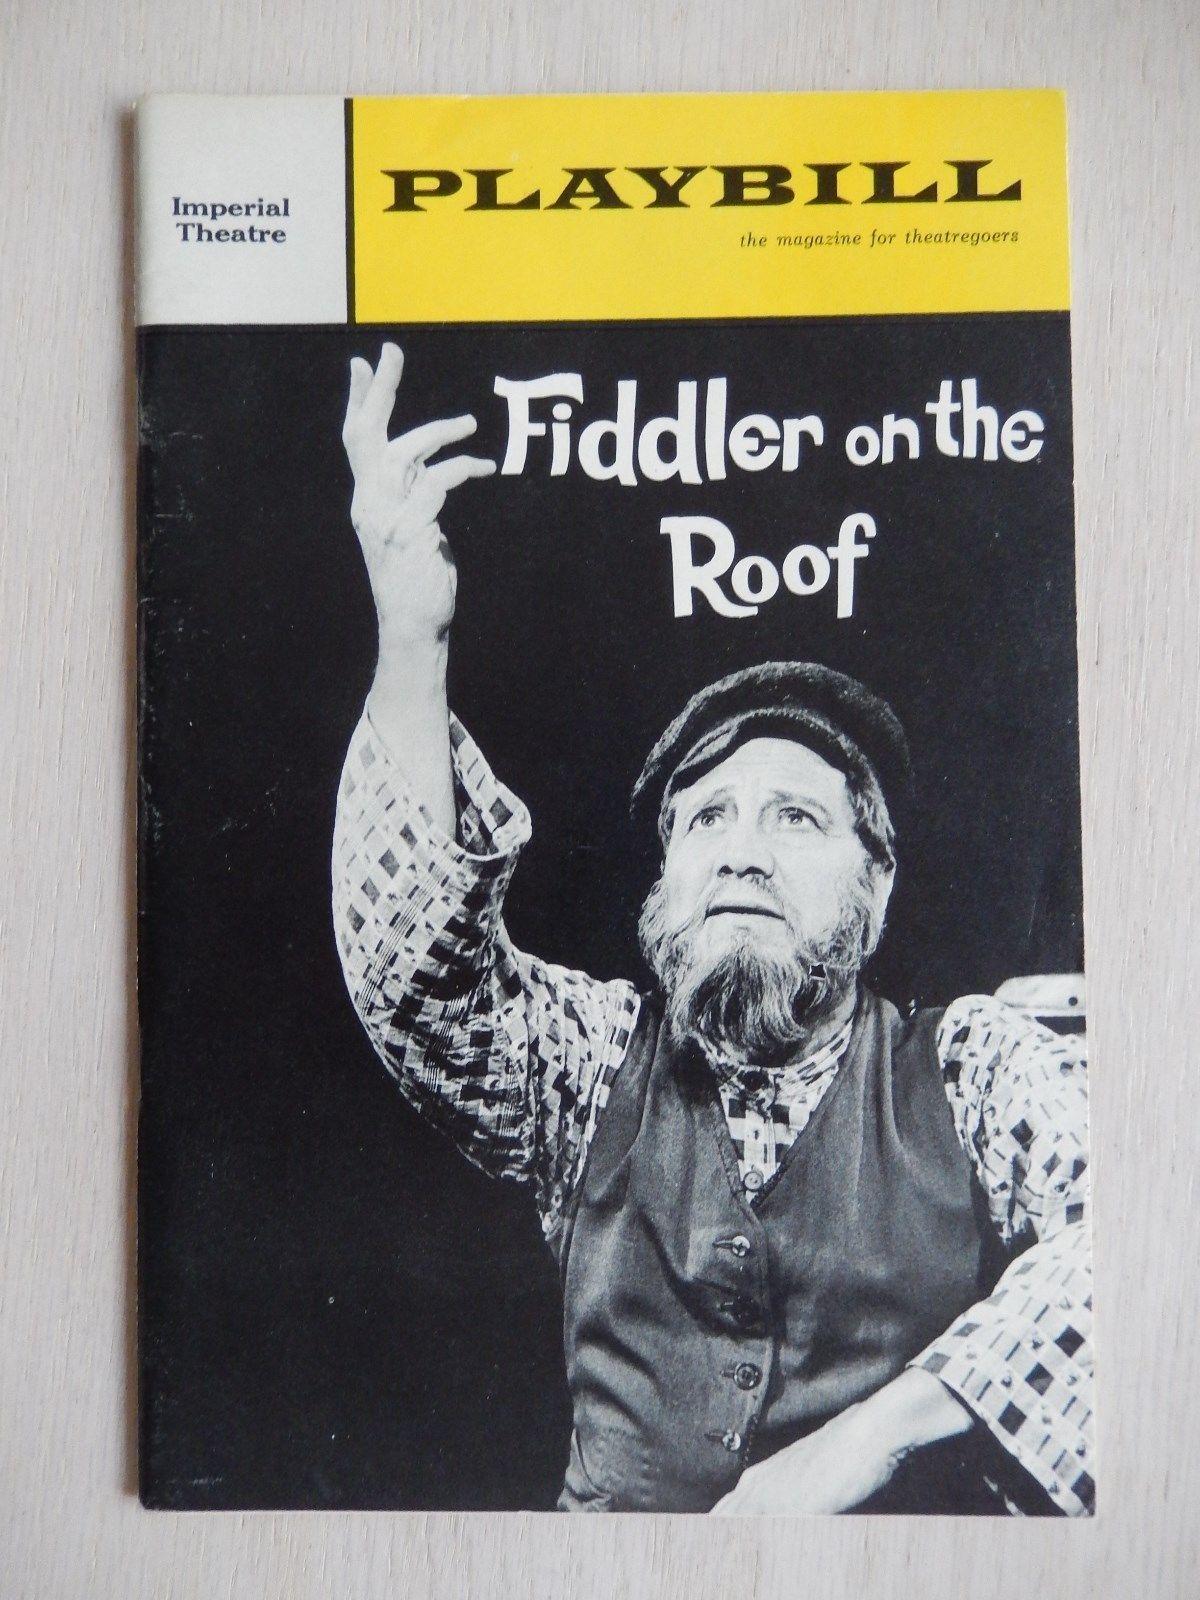 Luther Adler Un violon sur le toit Jewpop